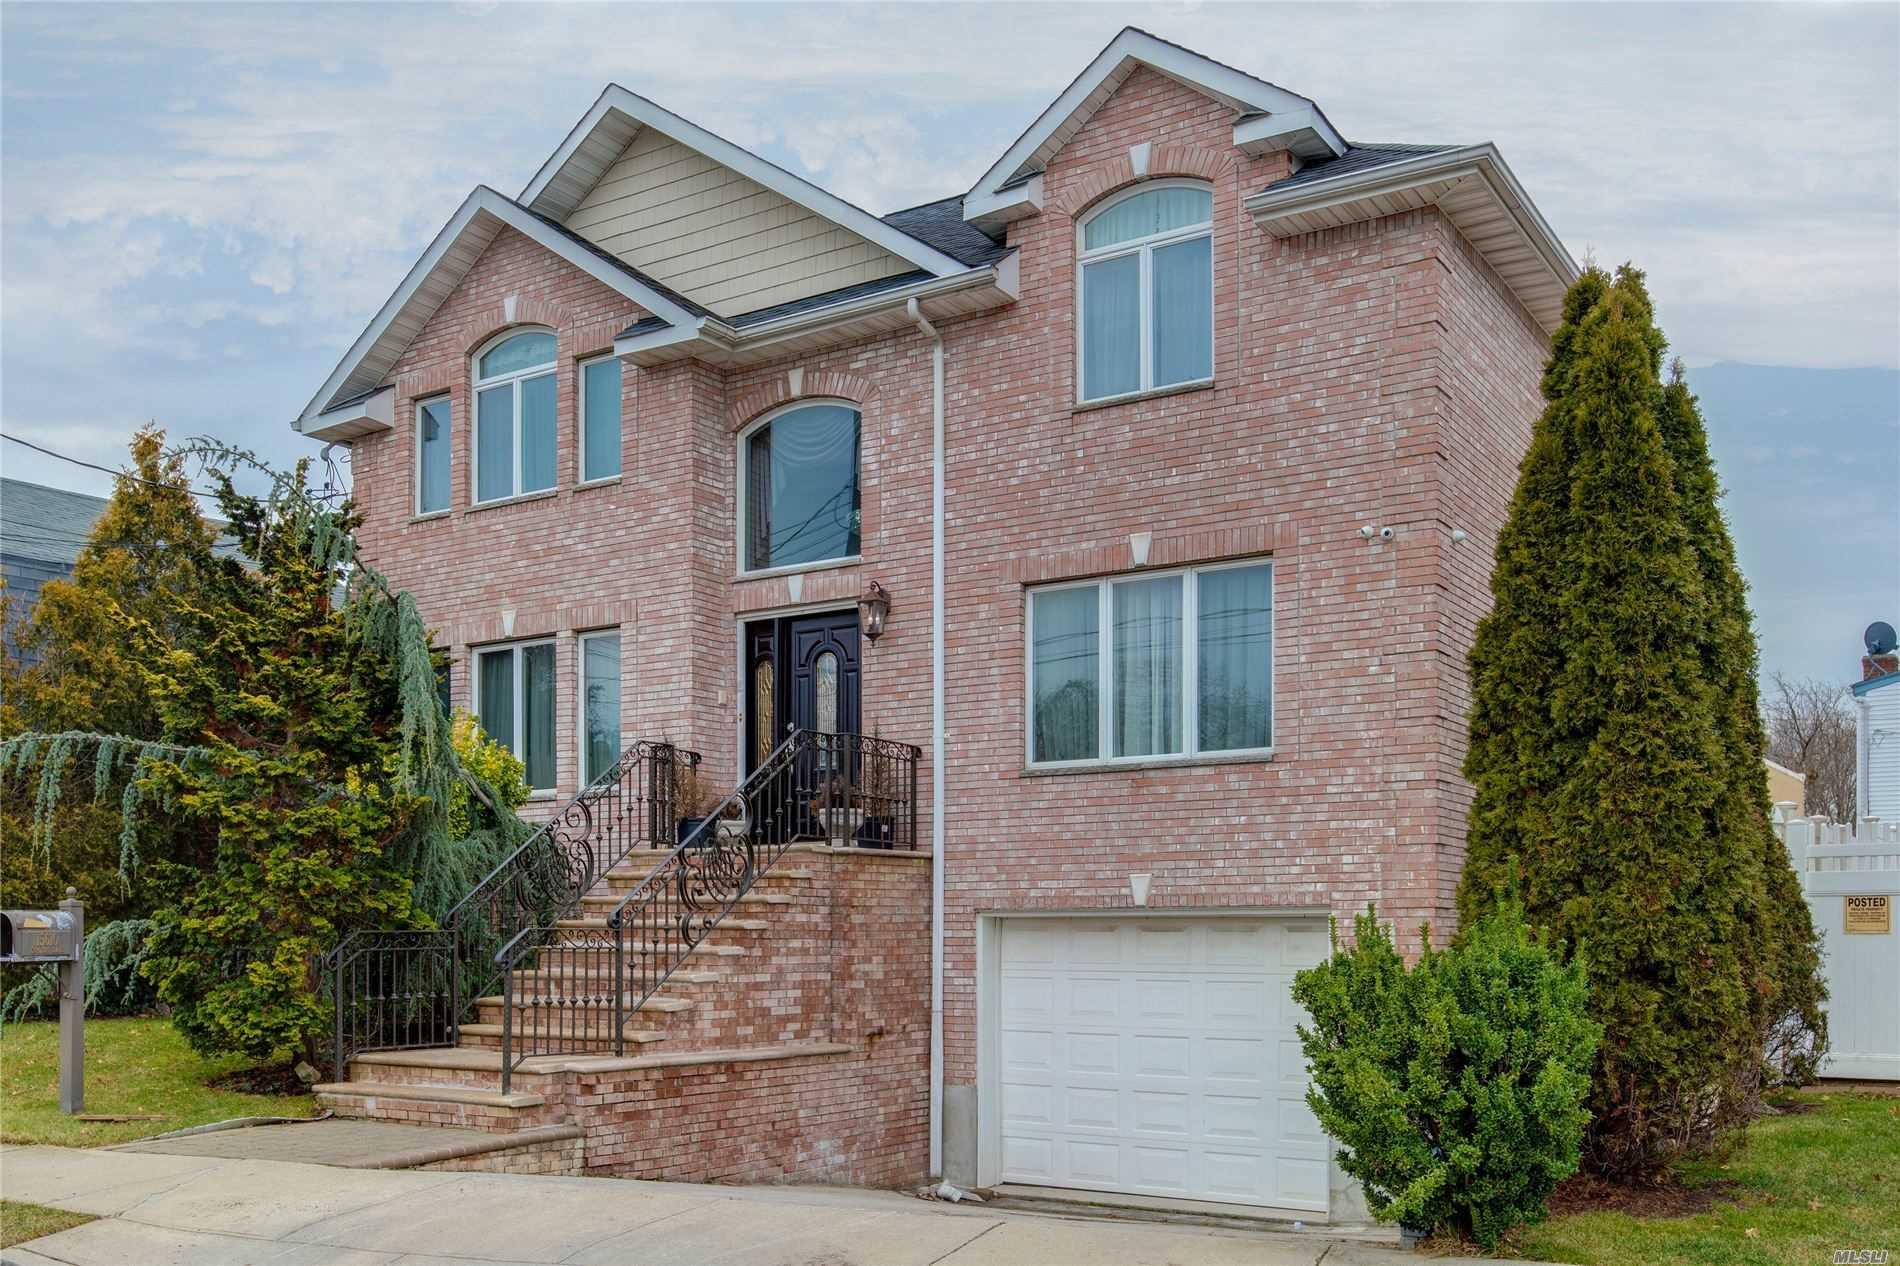 156-10 Cryders Lane, Whitestone, NY 11357